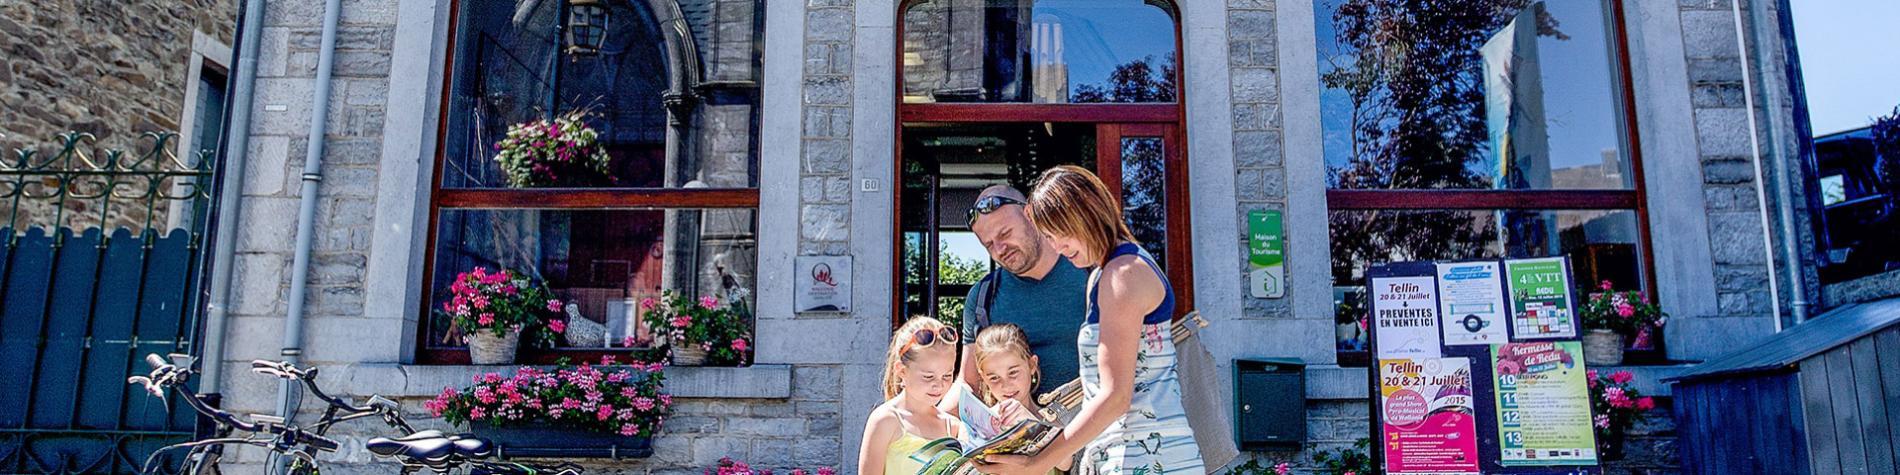 Office du tourisme de Libin - Maison du Tourisme - Haute-Lesse - Redu - village du livre